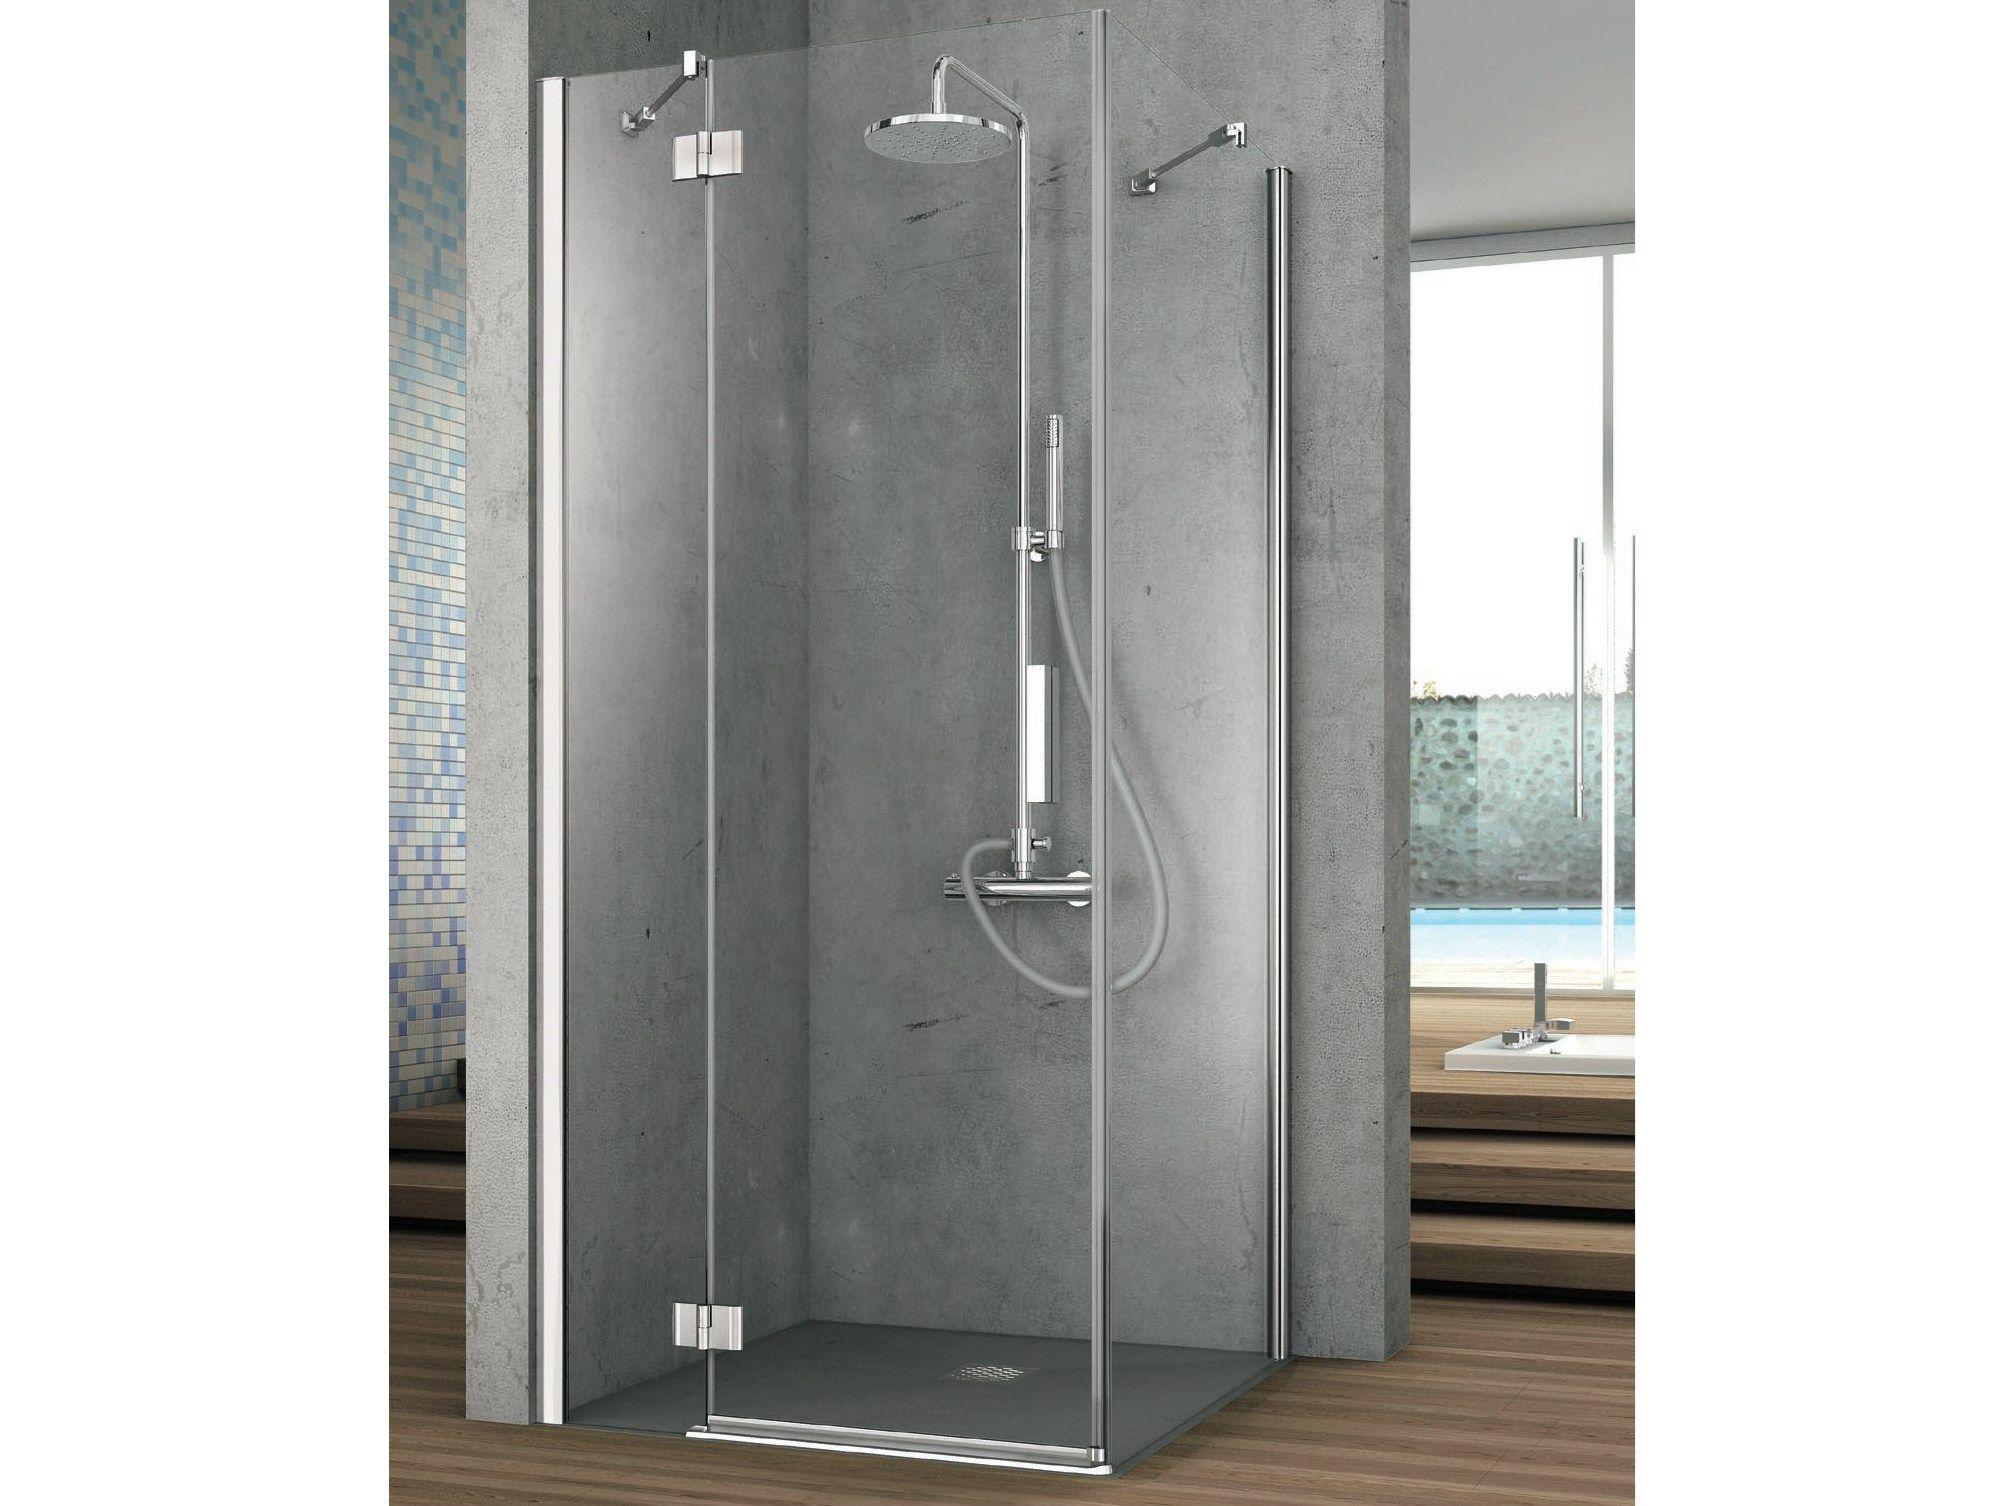 Element cabine de douche en cristal by gruppo geromin - Cabine de douche 80x100 ...